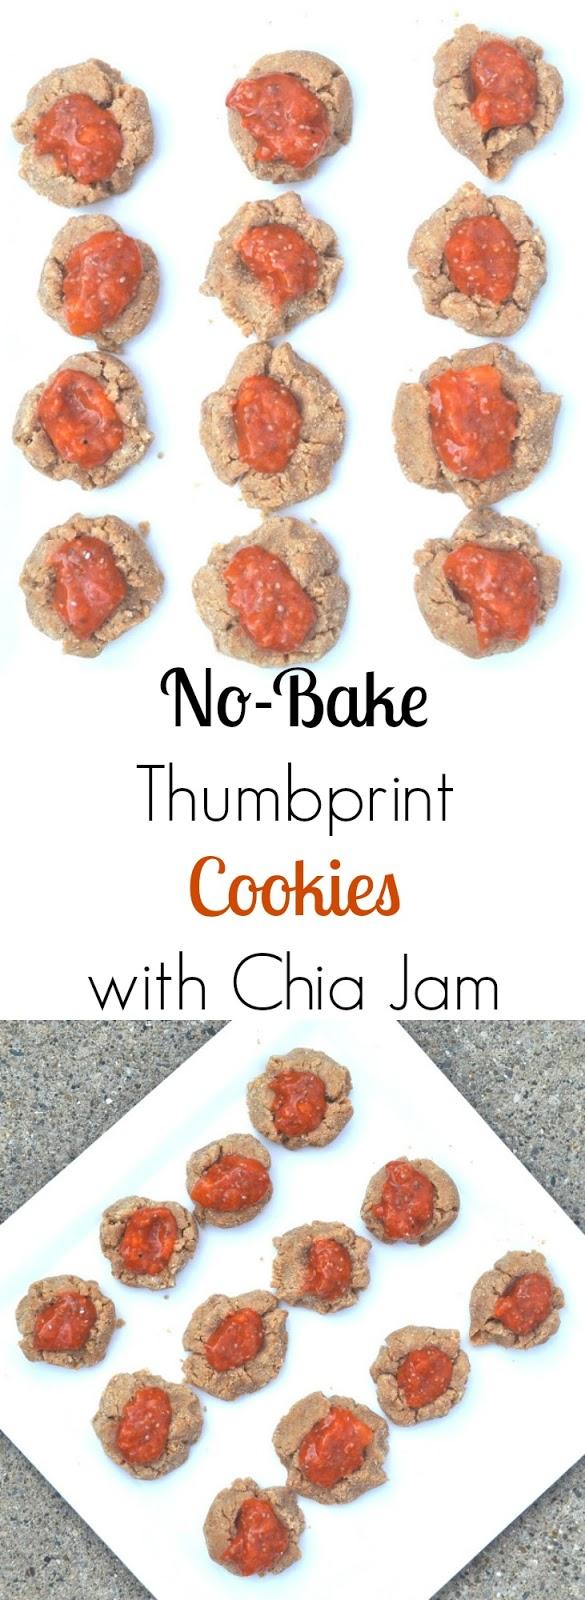 No-Bake Thumbprint Cookies with Chia Jam